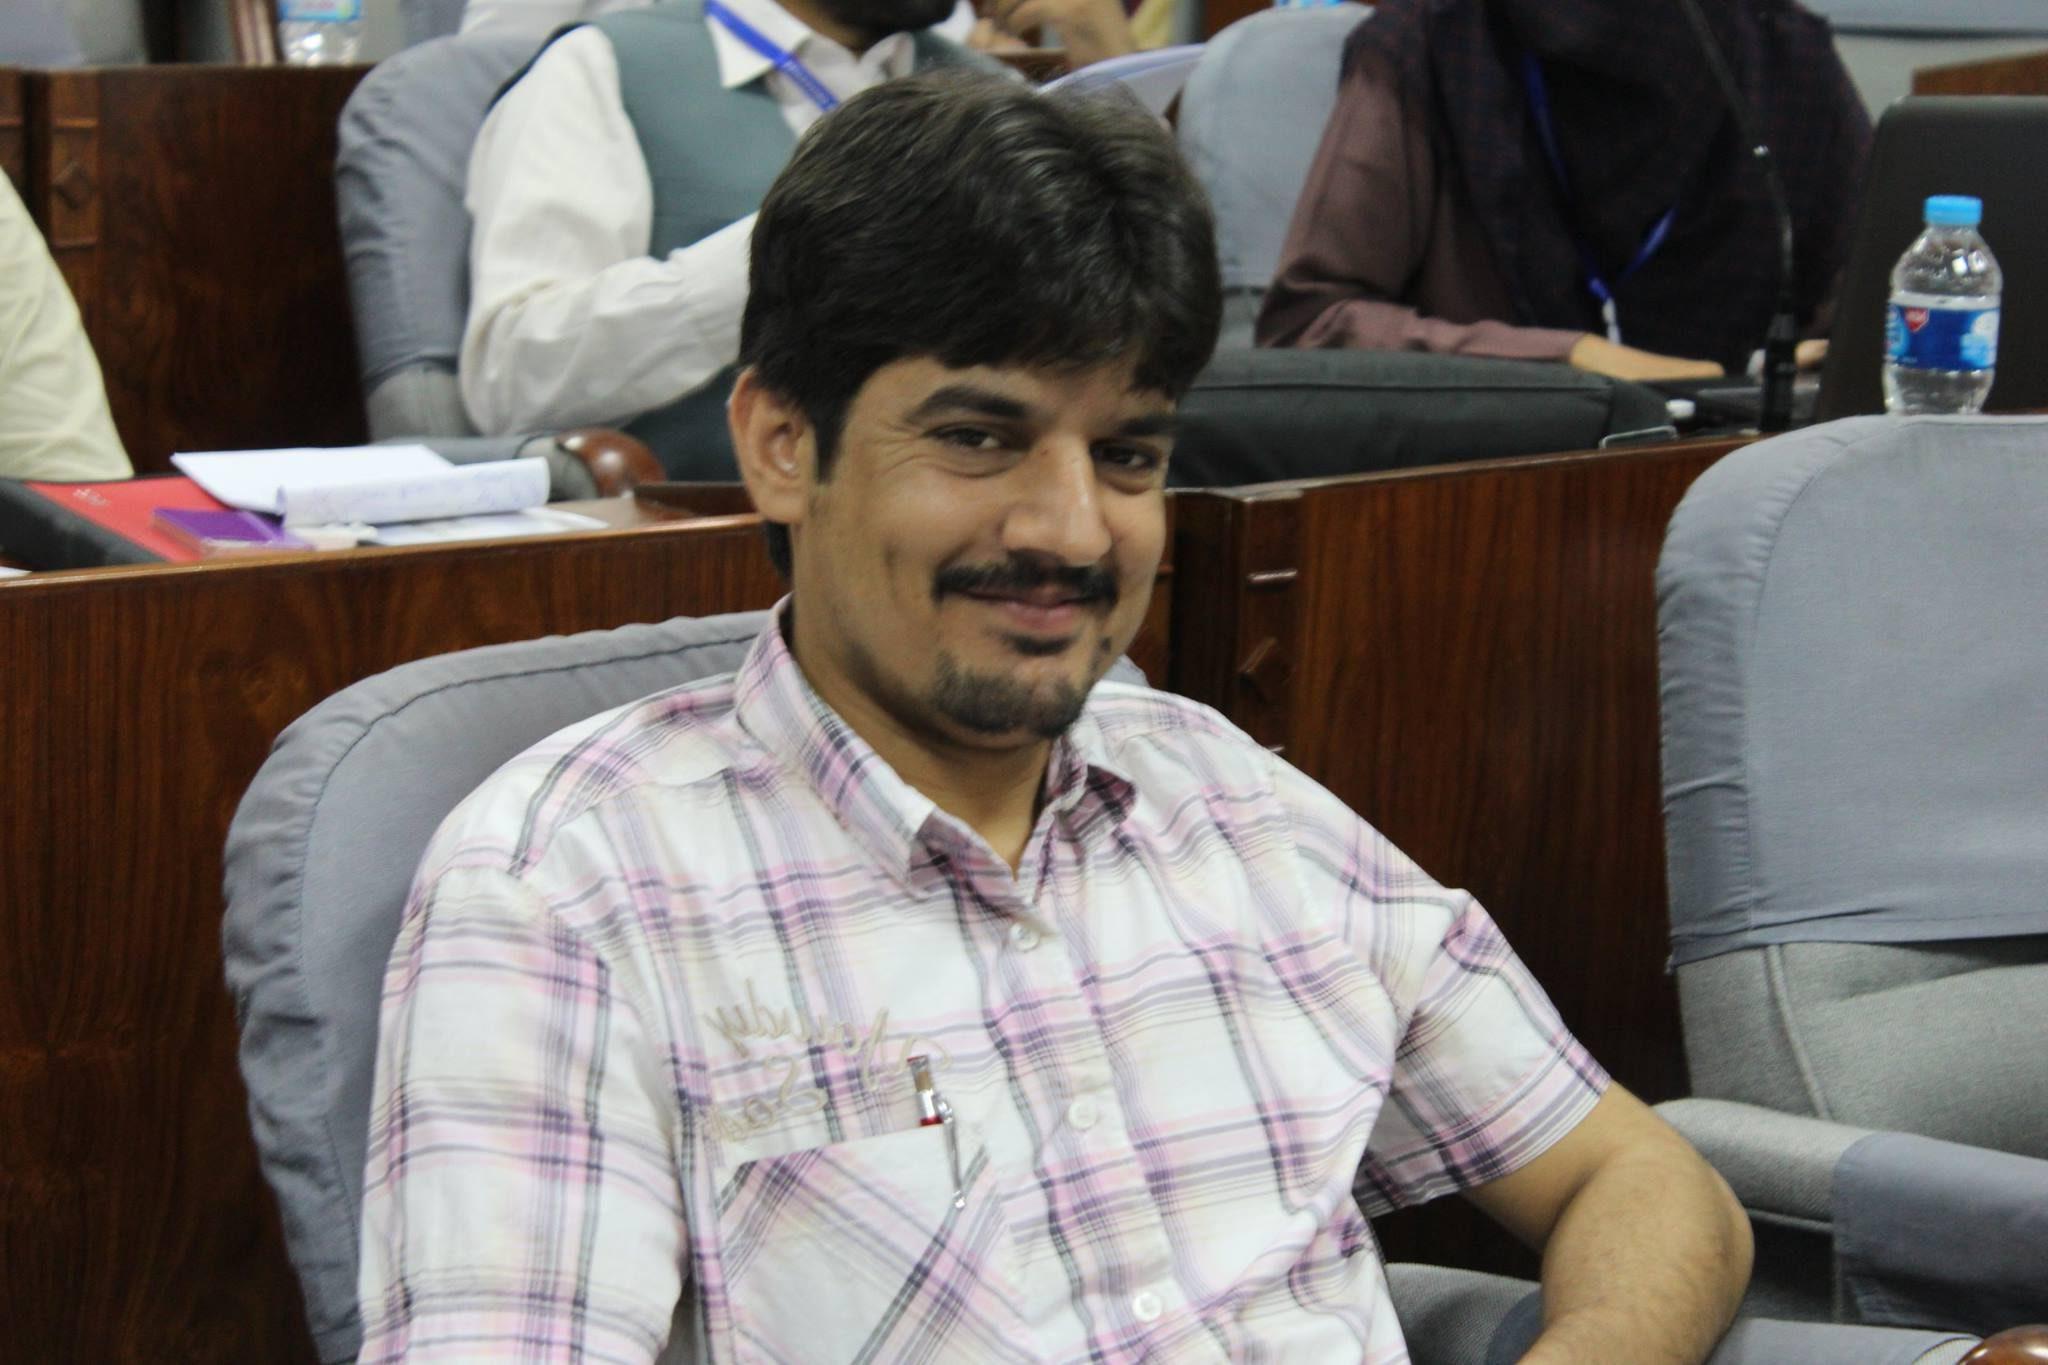 Wajid Mahmood Khattak